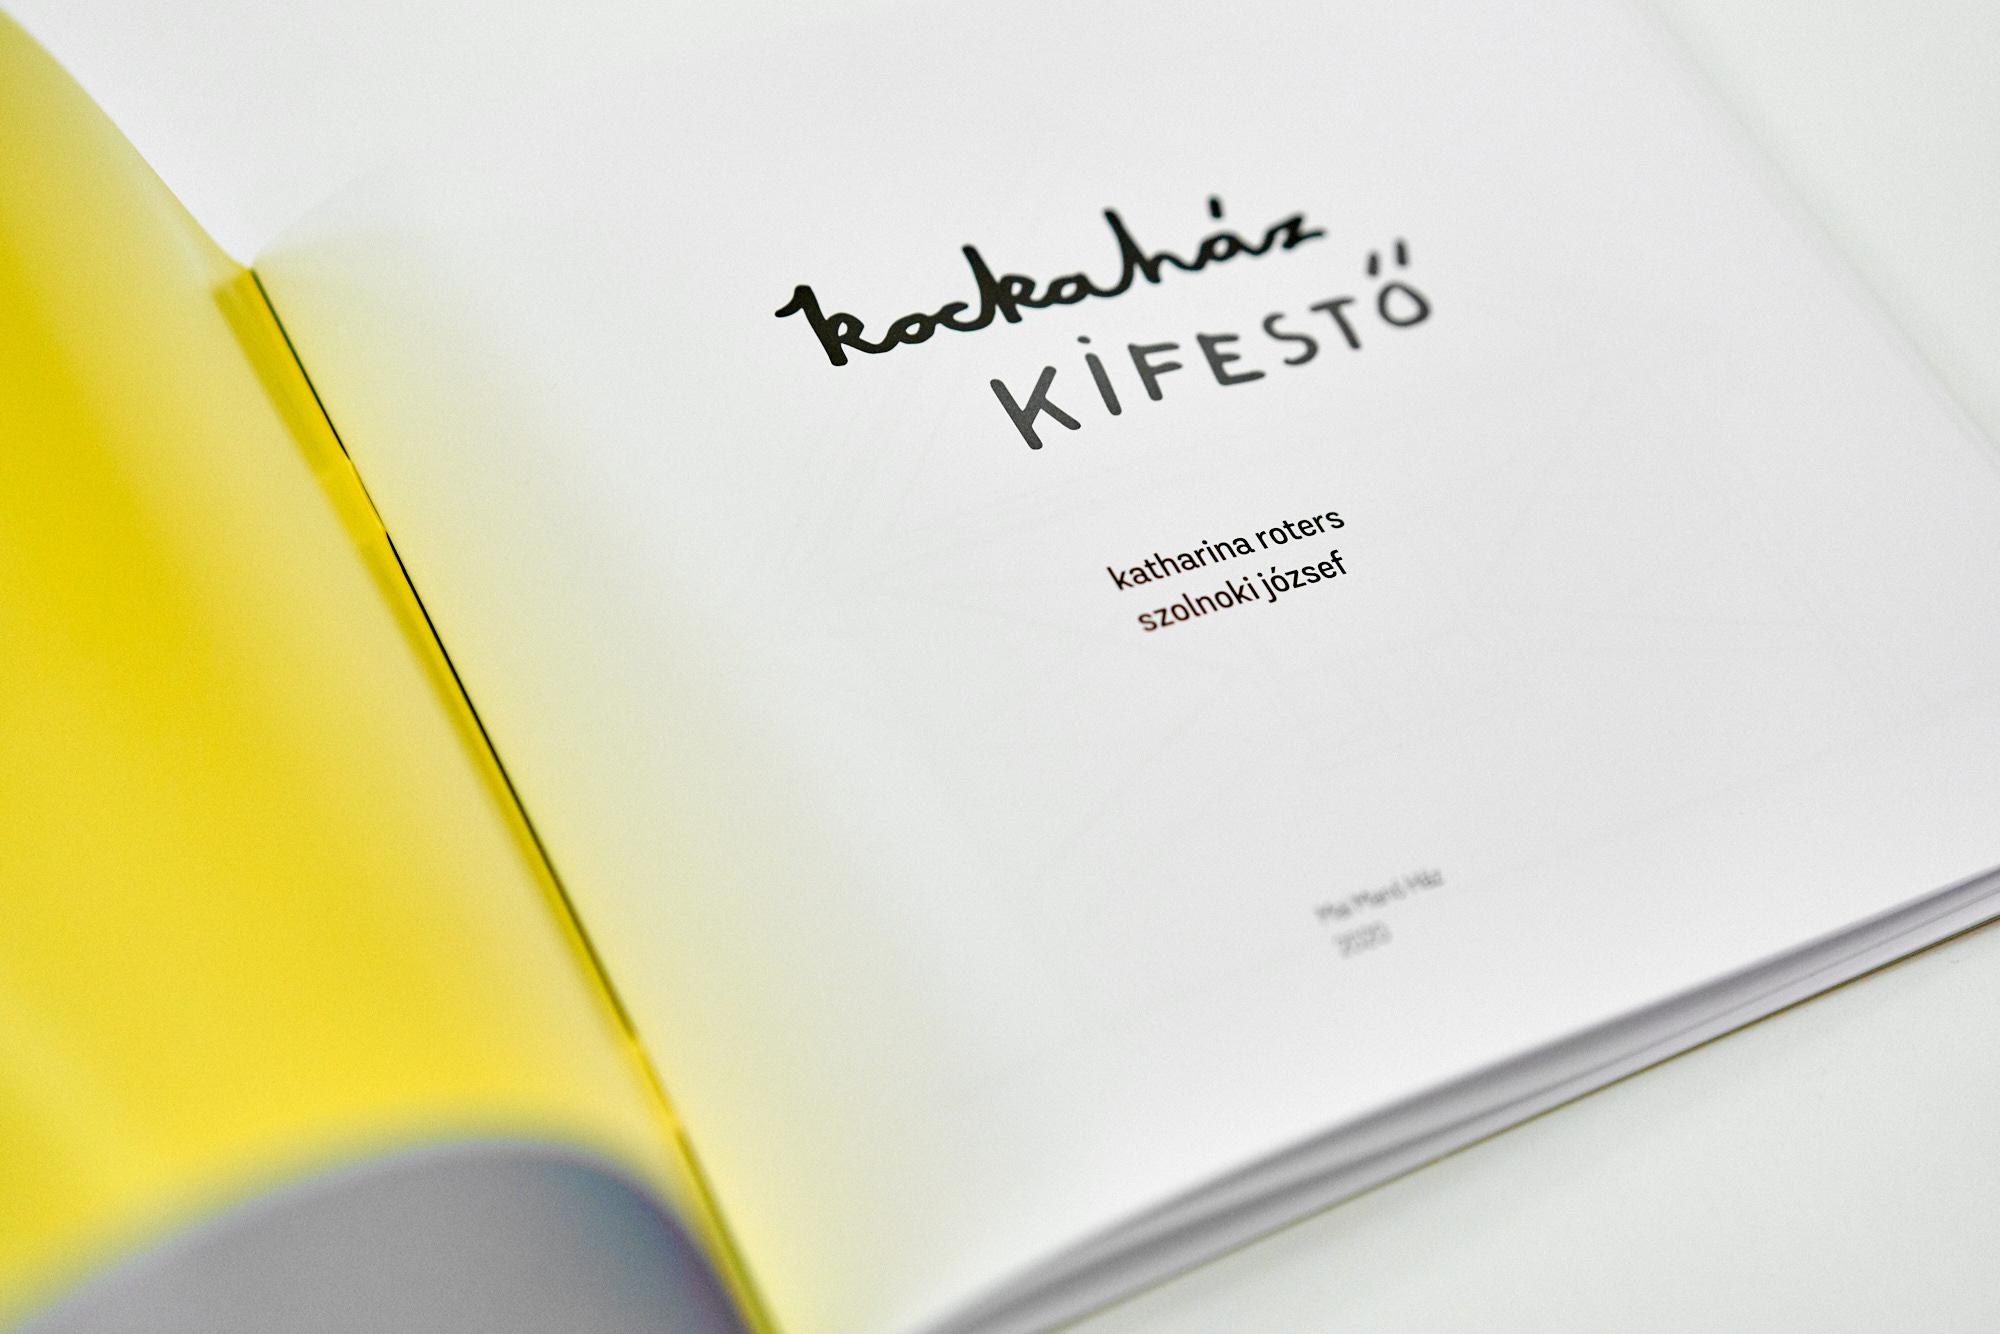 Kockaház kifestő<br />Kiadó: Magyar Fotográfusok Háza - Mai Manó Ház, 2020<br />Kötés: puhatáblás<br />Oldalszám: 40 oldal<br />Nyelv: magyar<br />ISBN: 9789638852984<br />Ár: 1.490, -Ft<br /><br />Fotó: Kiss Imre